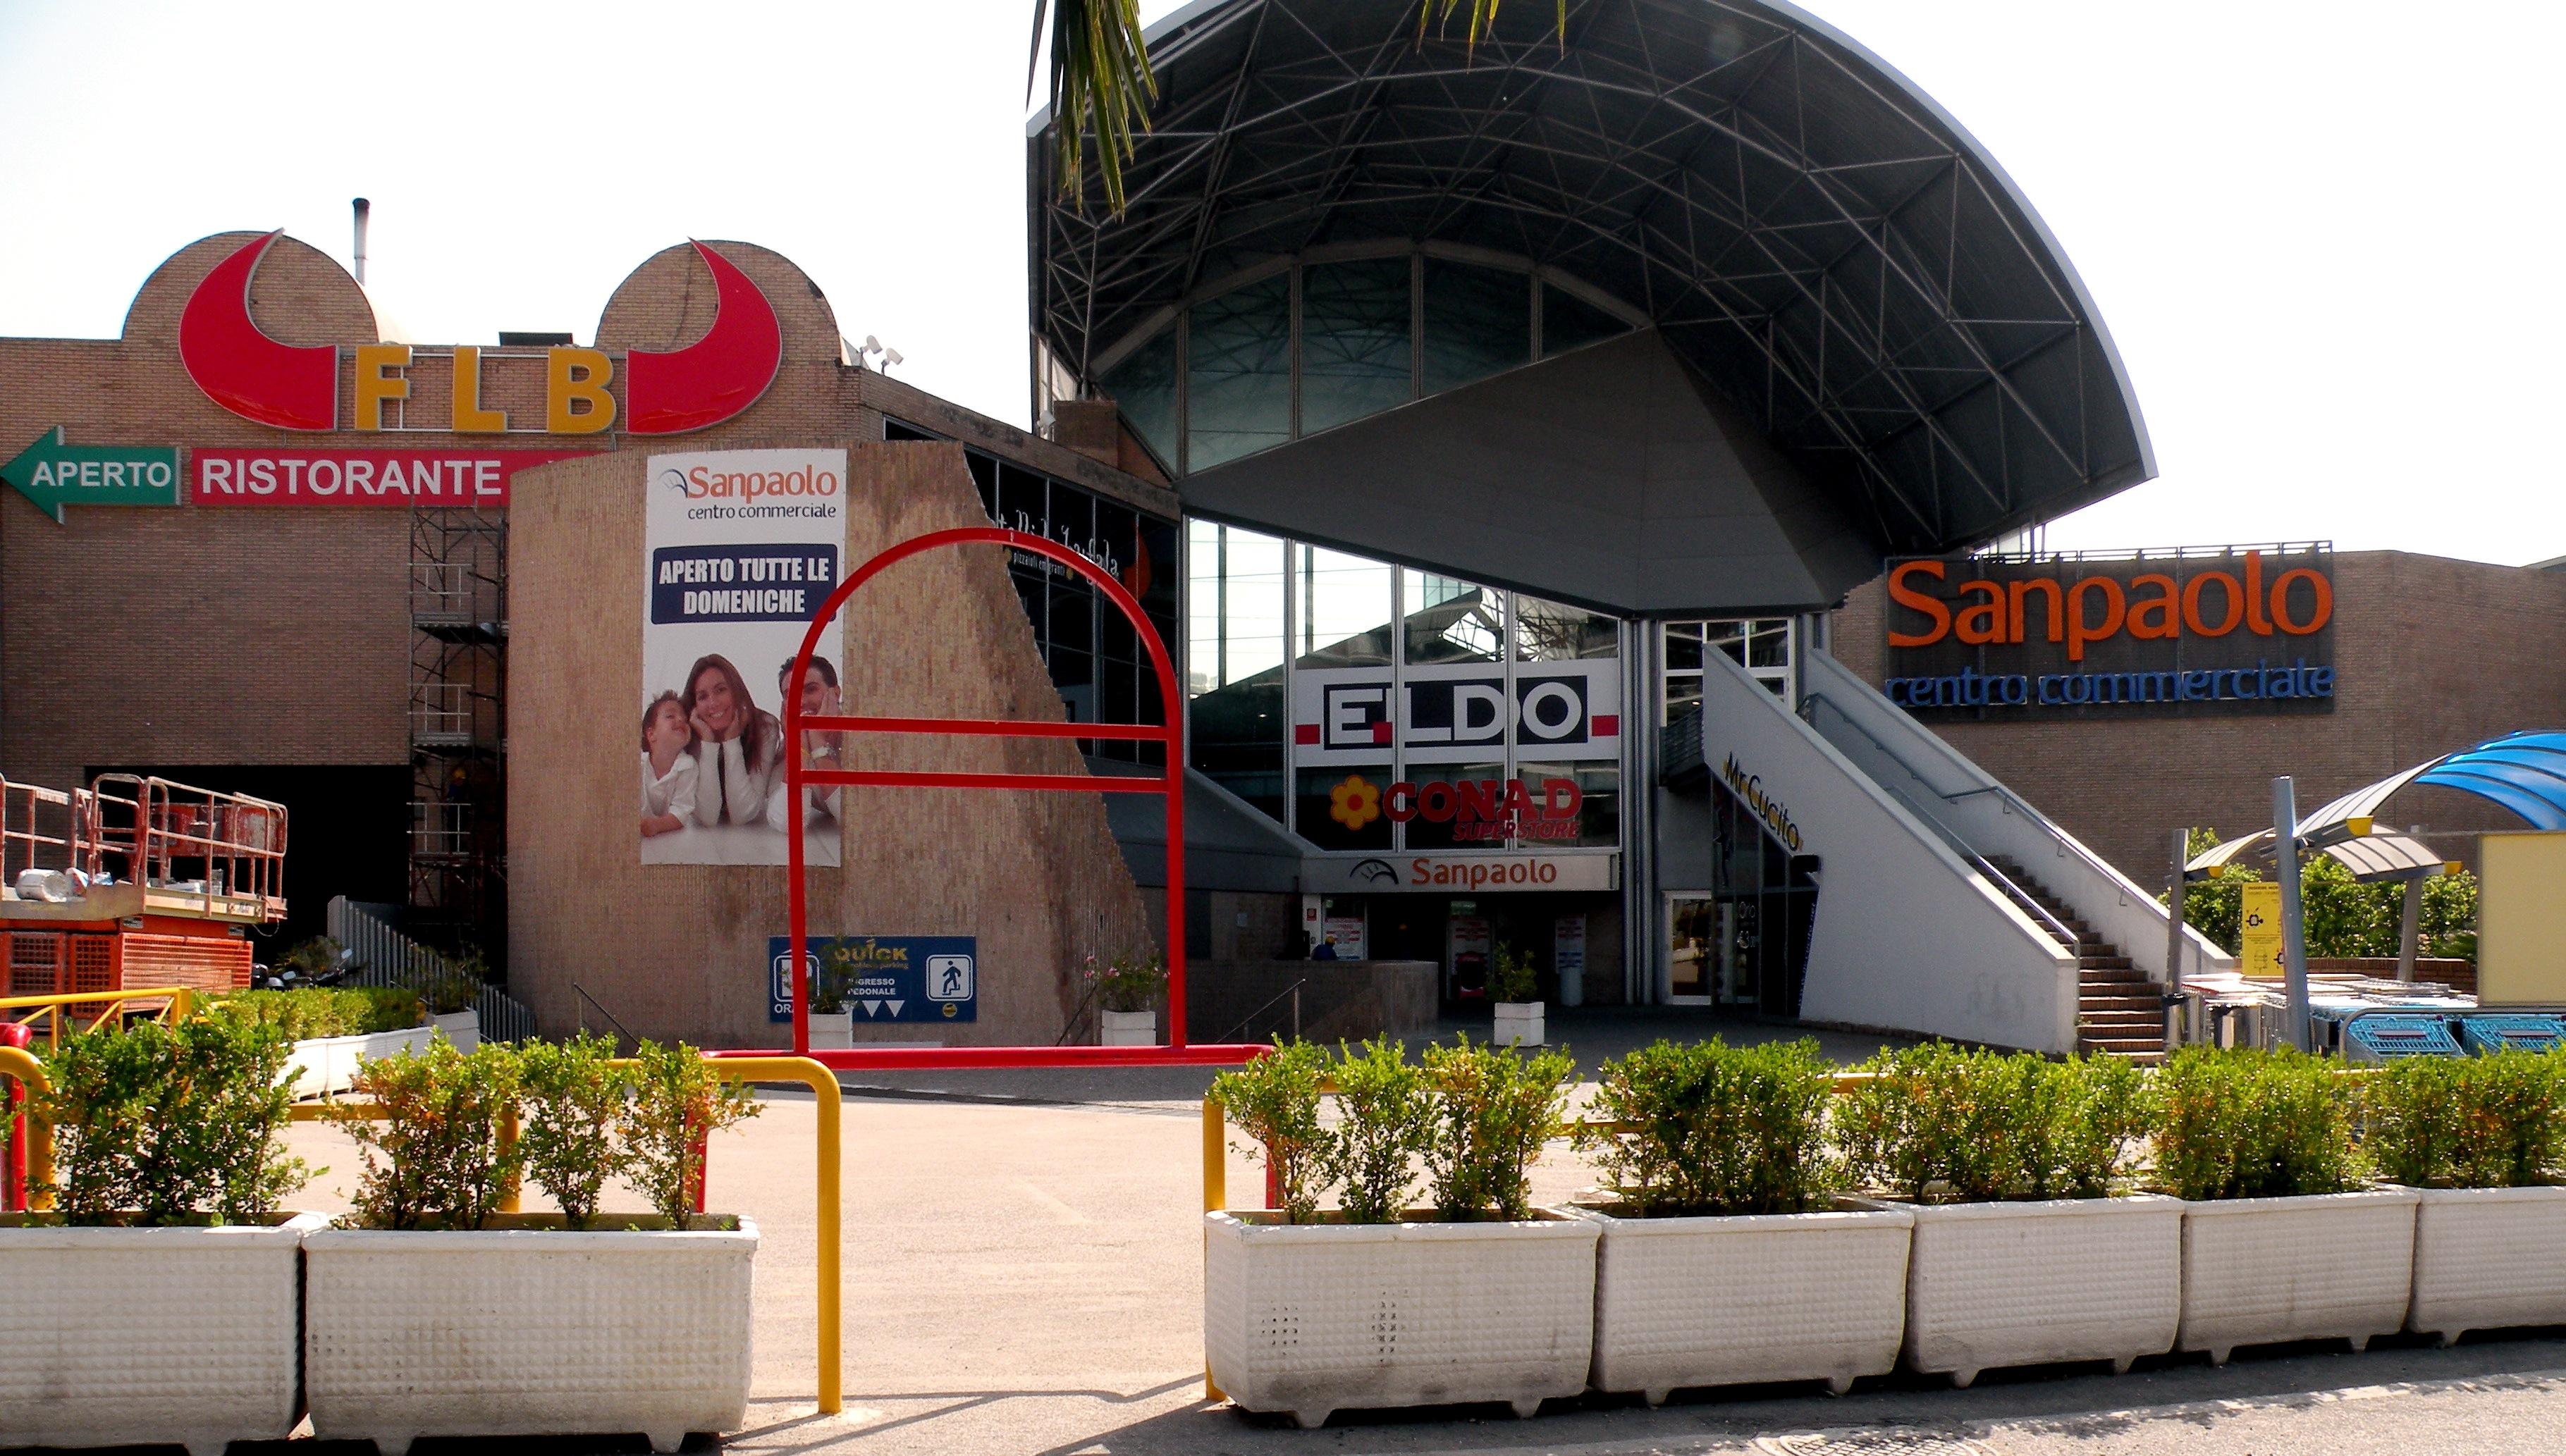 Riapre il Centro Commerciale San Paolo: un nuovo nome e tanti negozi